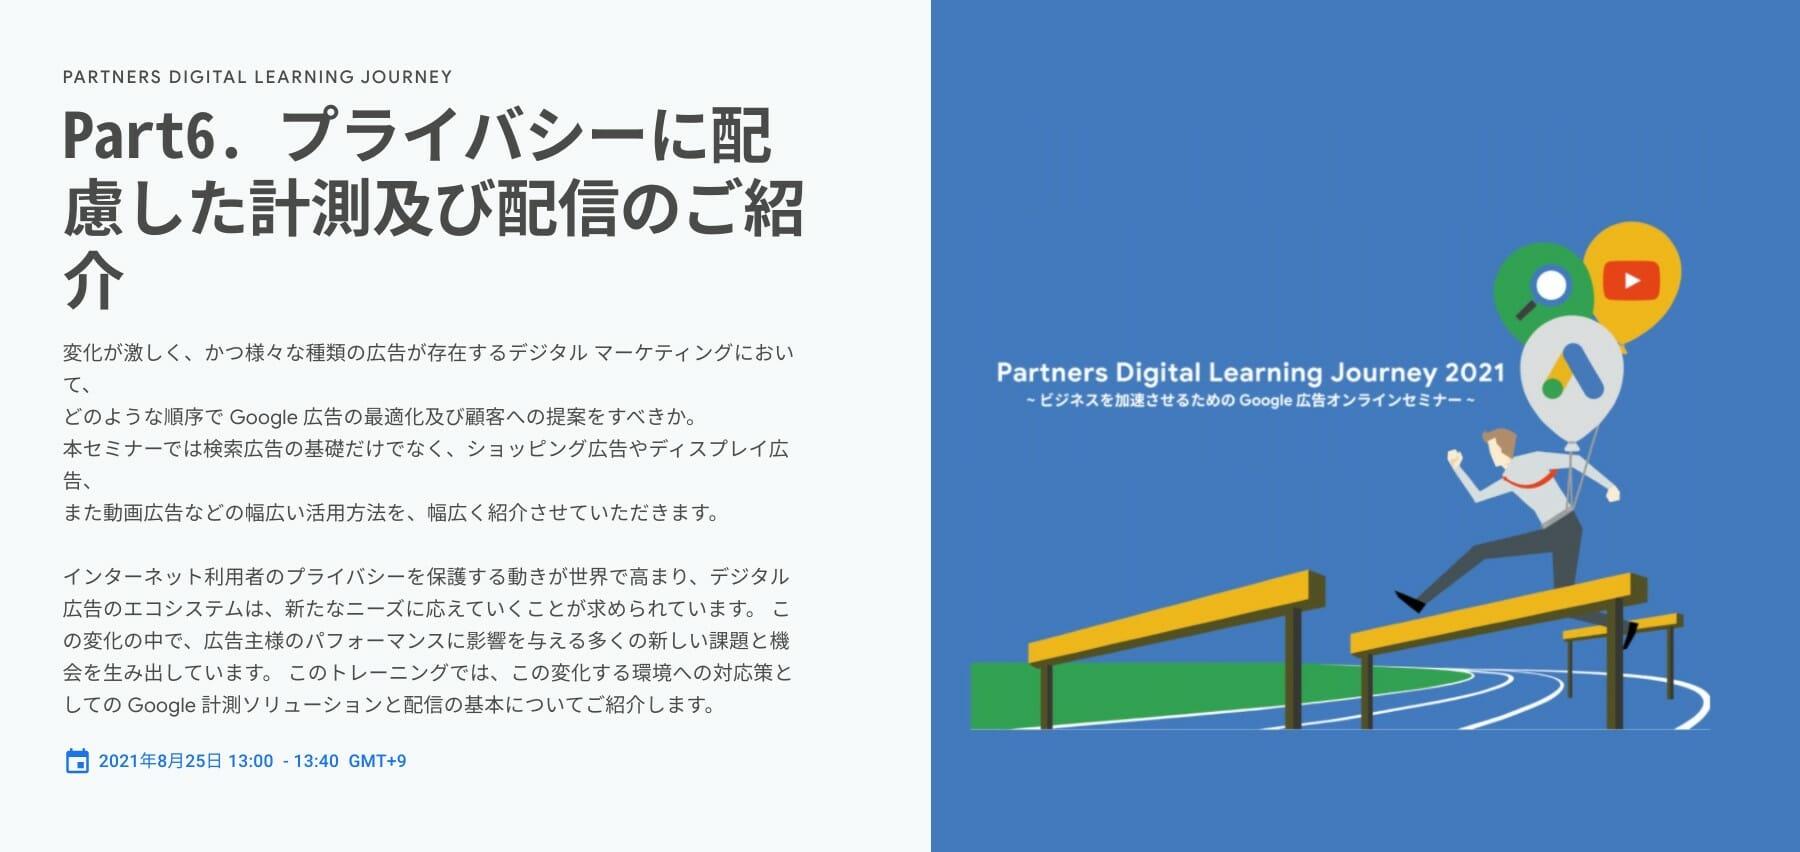 [Google 広告] Part6. プライバシーに配慮した計測及び配信のご紹介